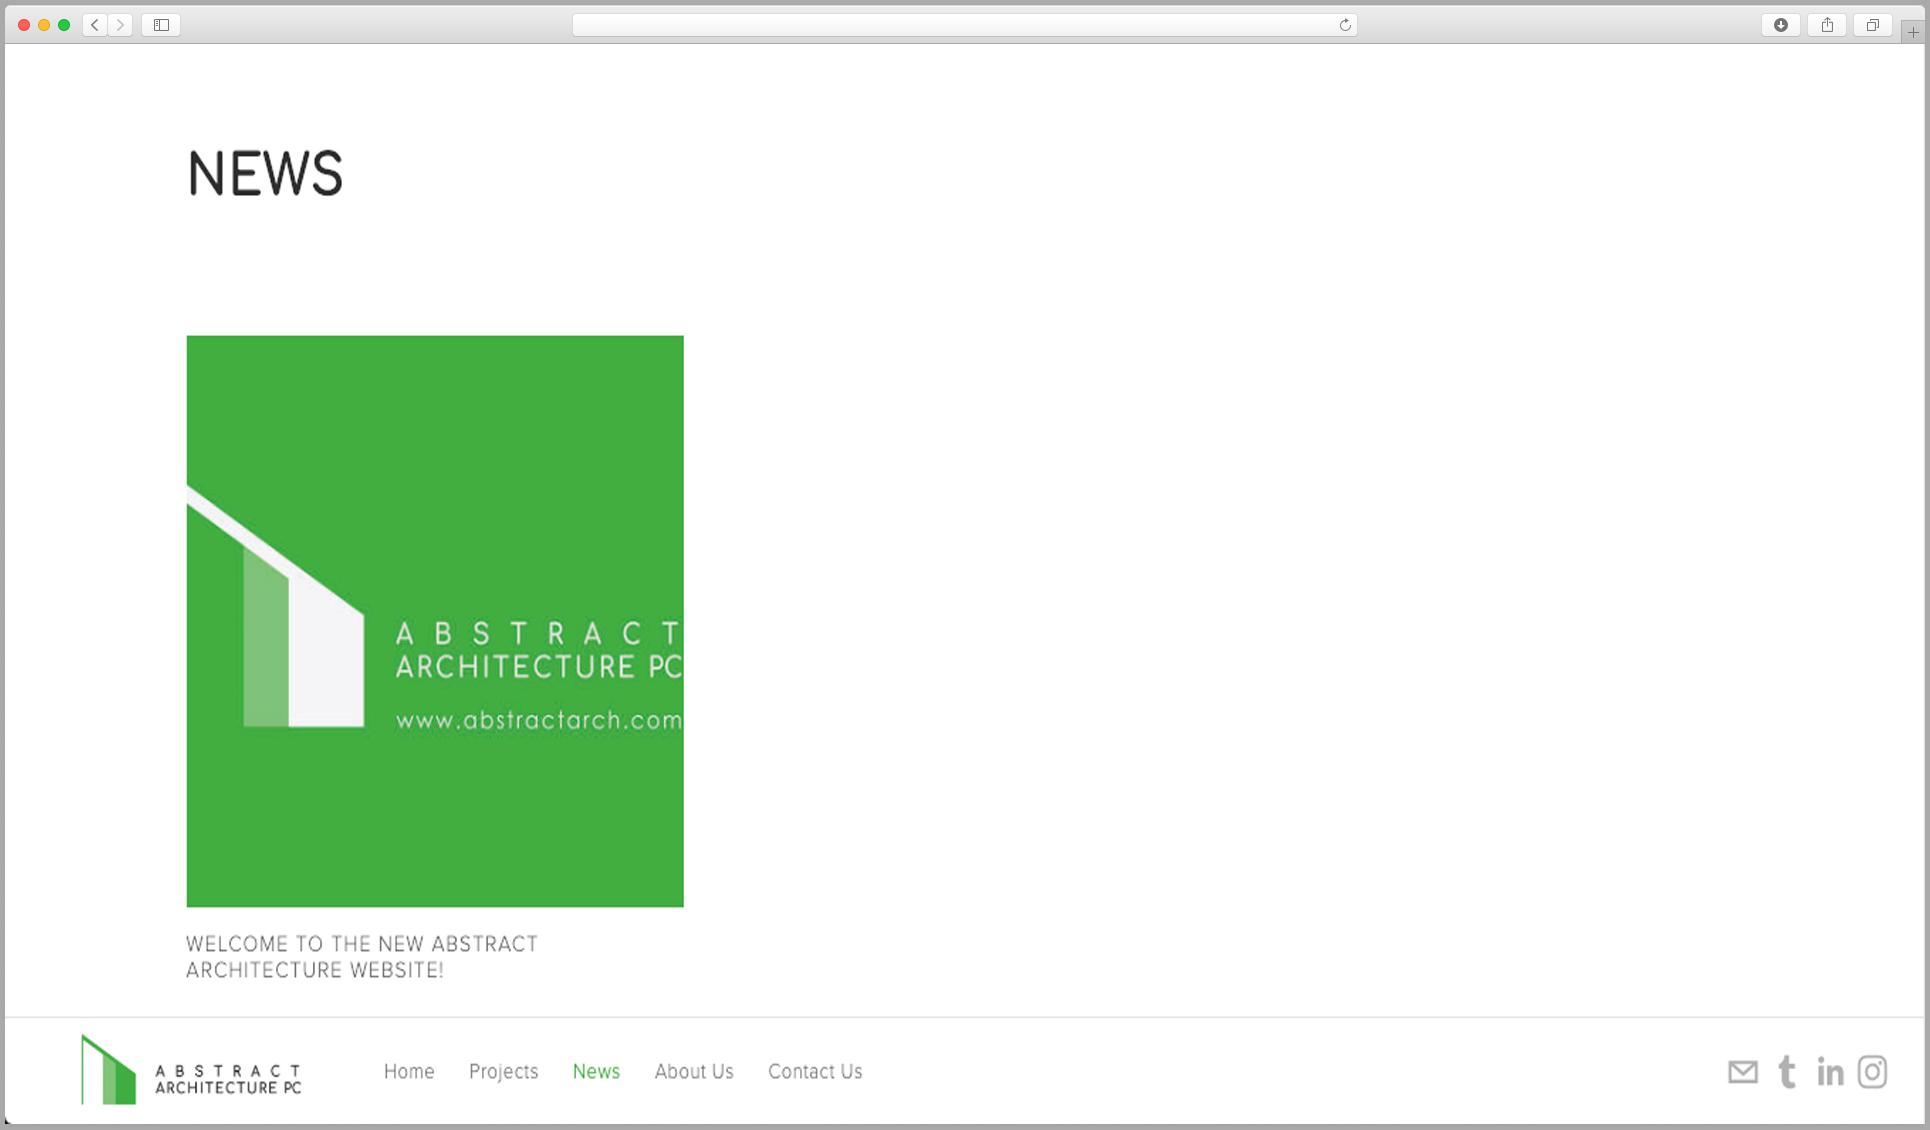 Safari_Abs Arch 05.jpg